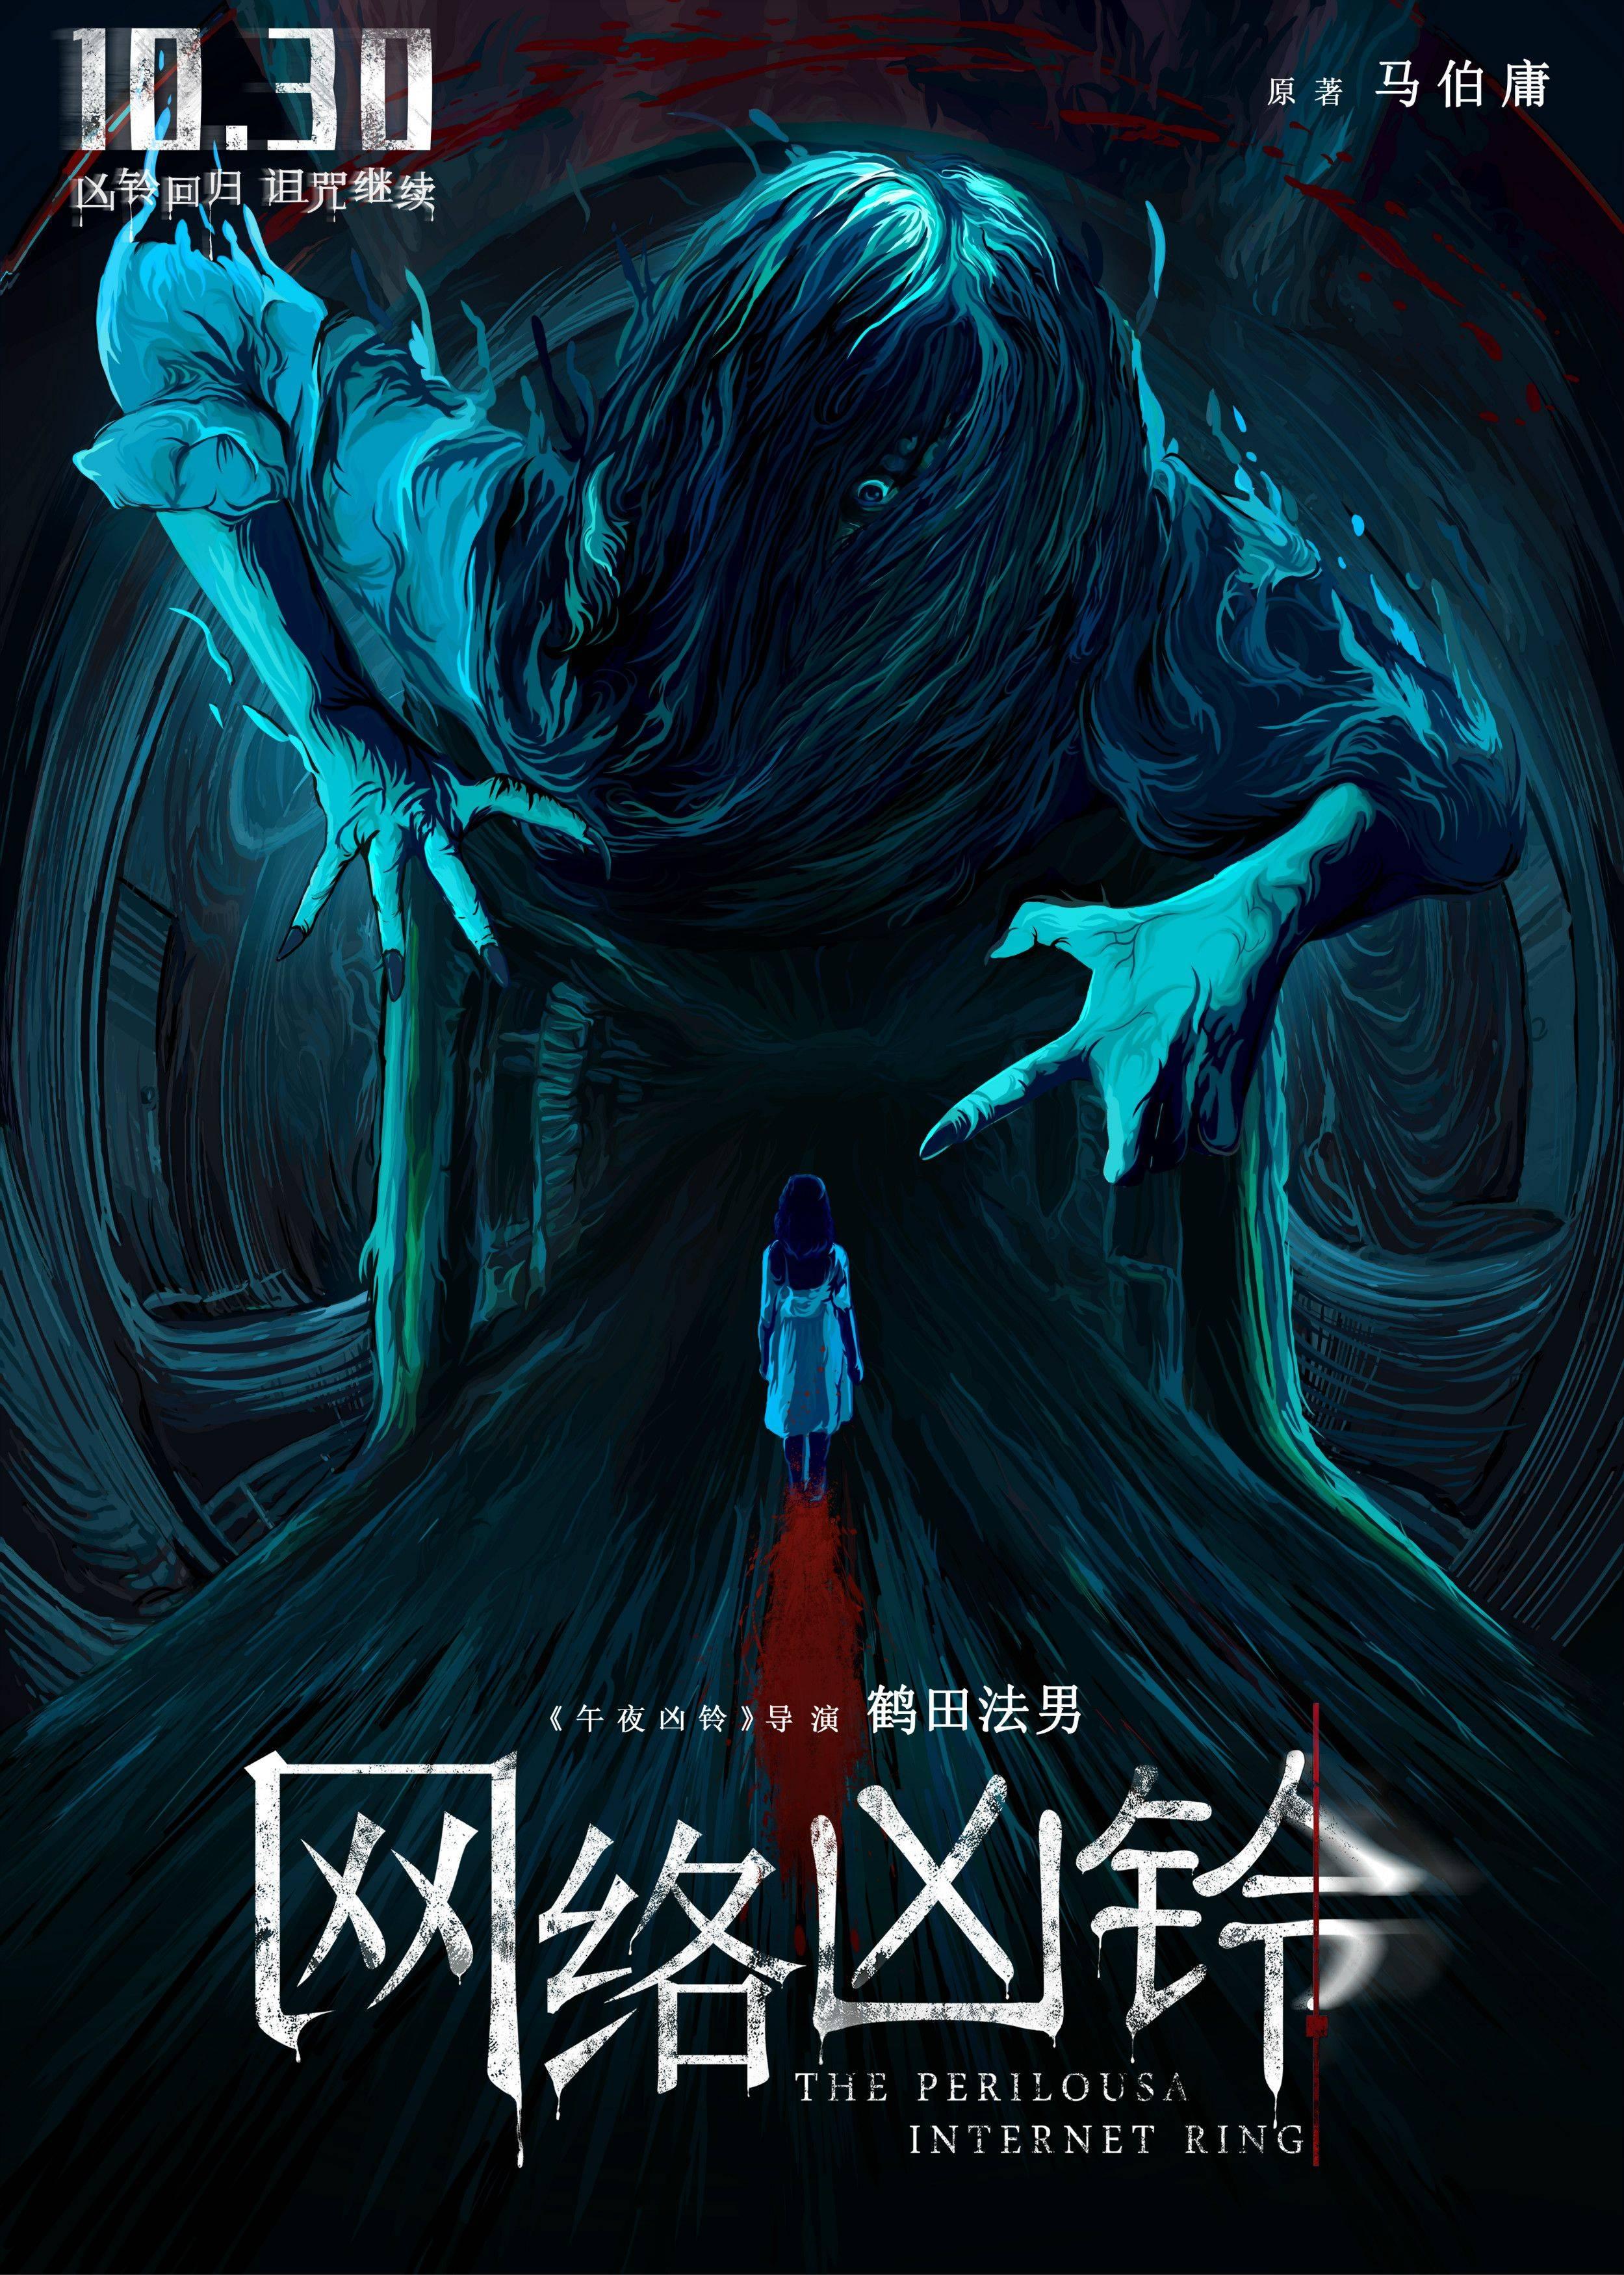 《午夜凶铃》导演联手马伯庸,《网络凶铃》10月30日上映